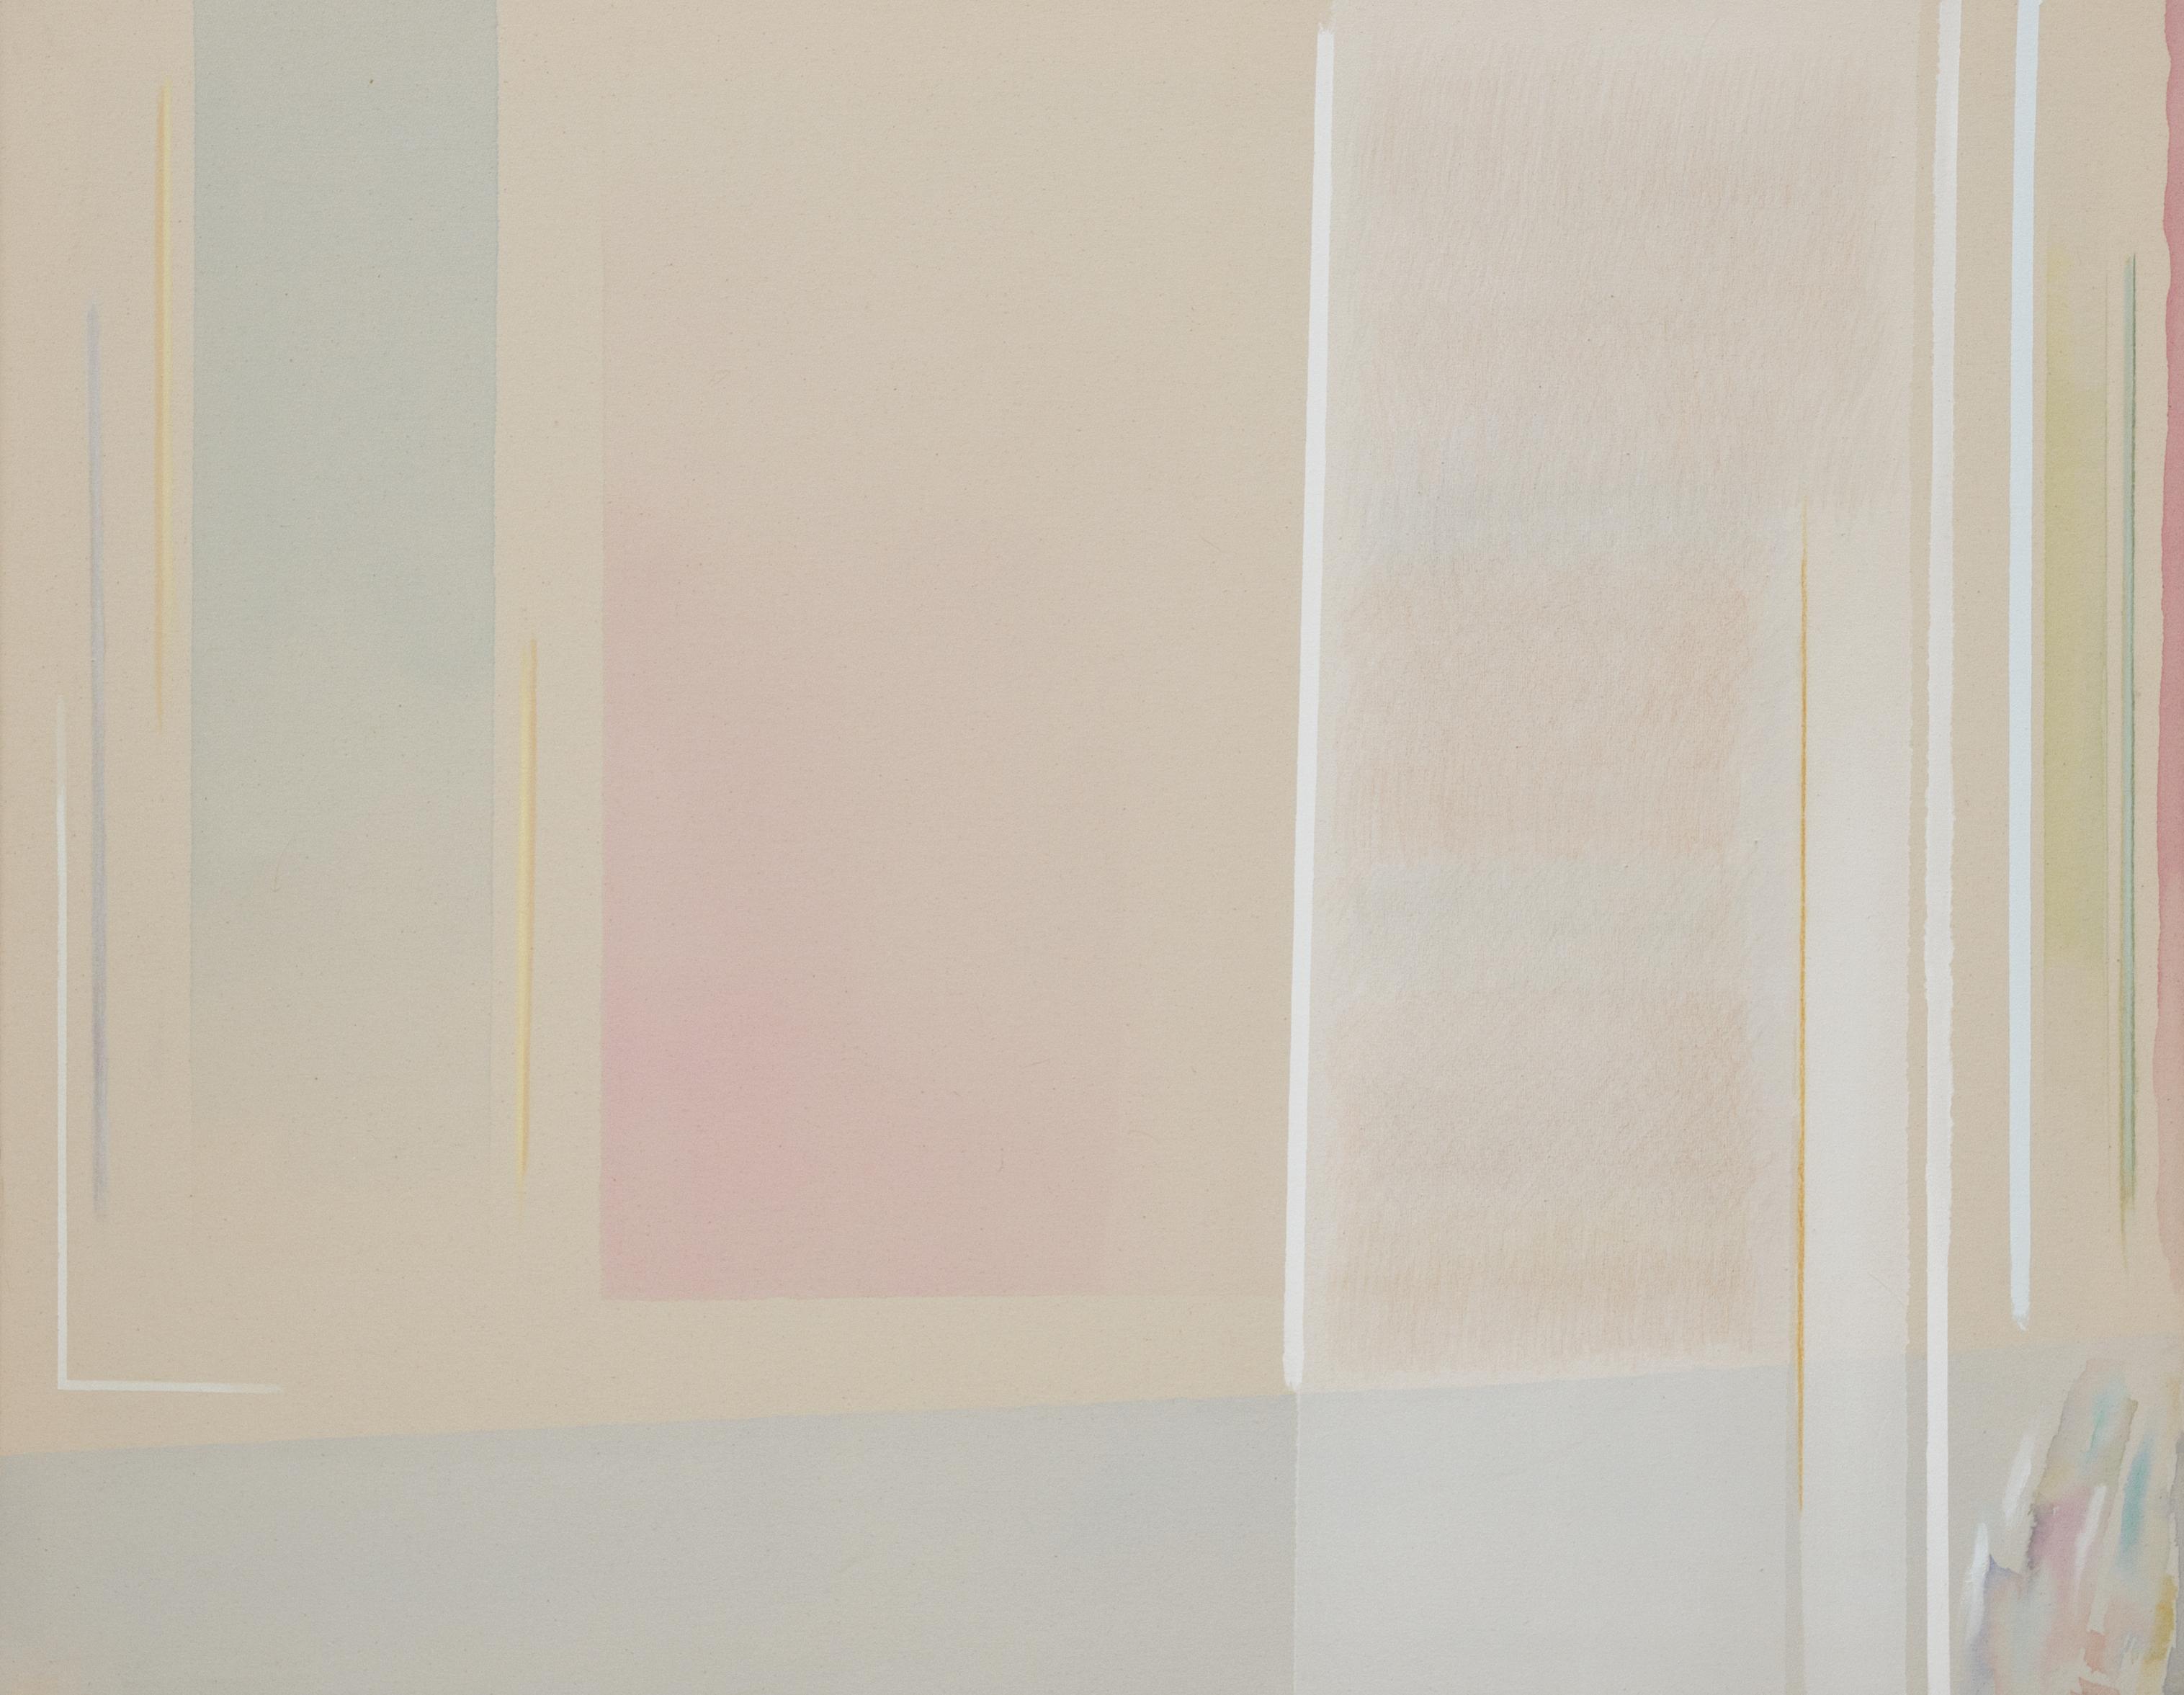 Riccardo Guarneri, Semplice e poetico, 2015, tecnica mista su tela, cm 95x120 copia